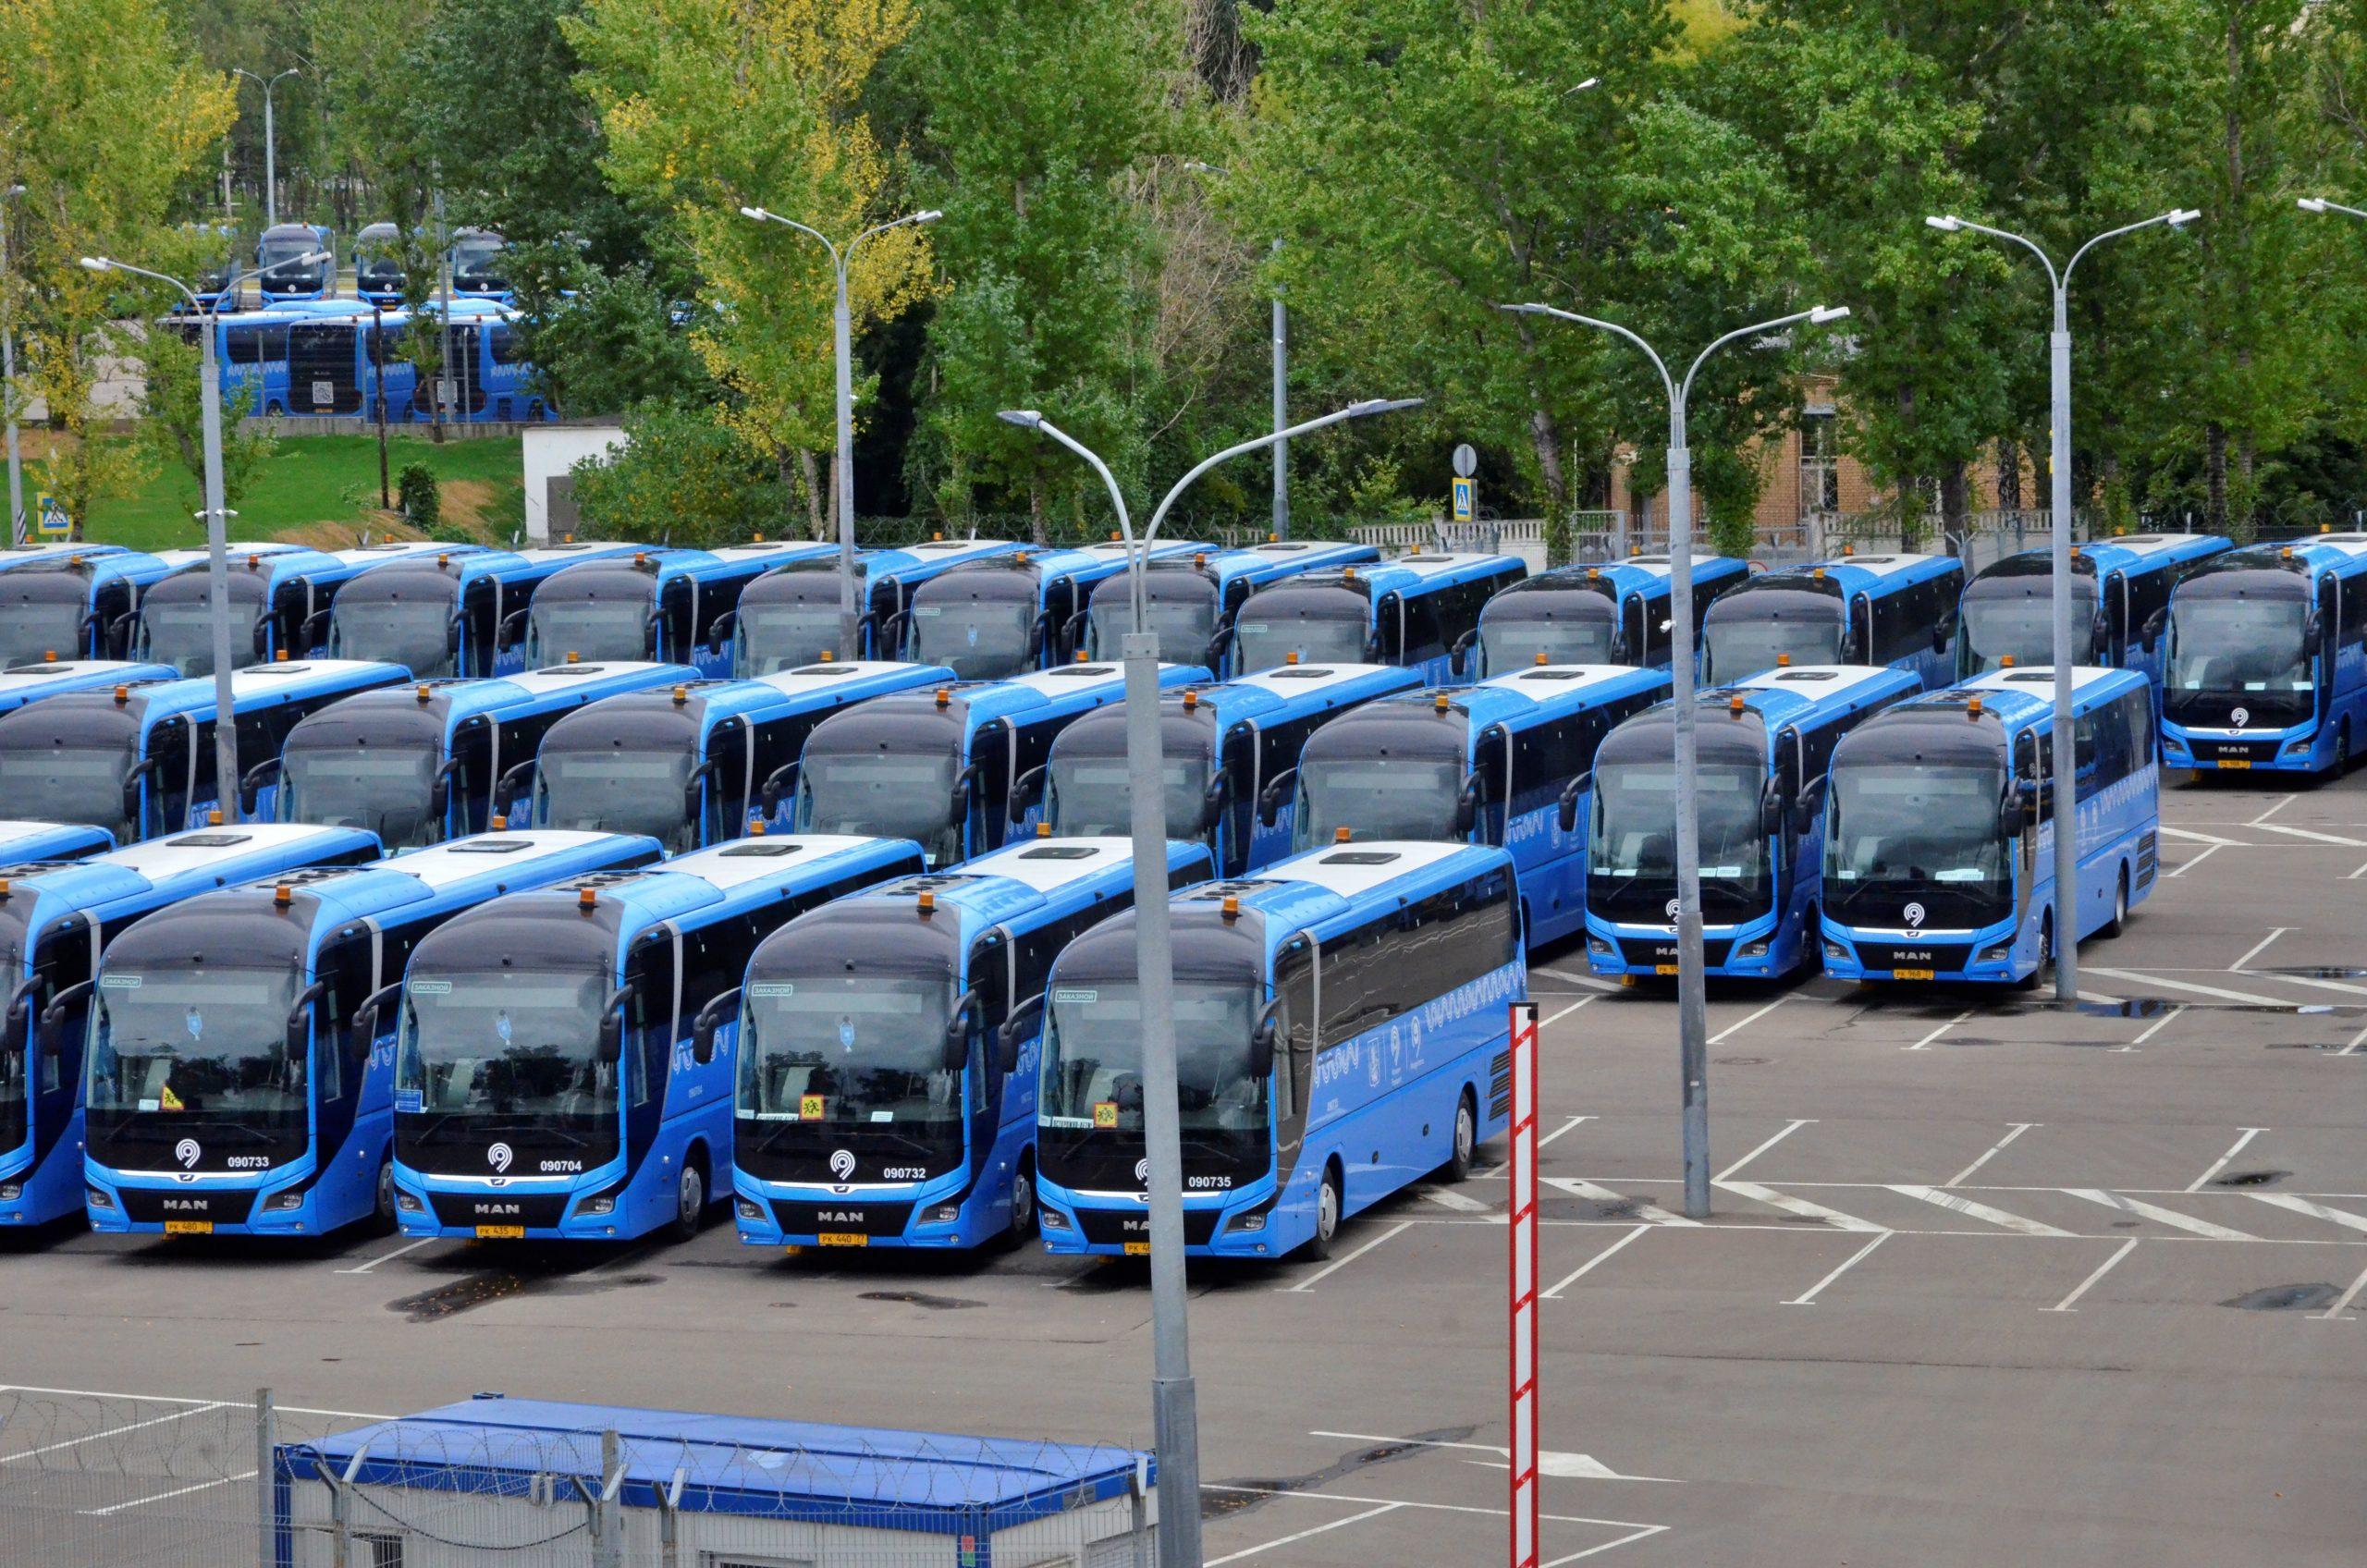 В столице открыли около 170 новых мест для парковки автобусов и грузовых автомобилей